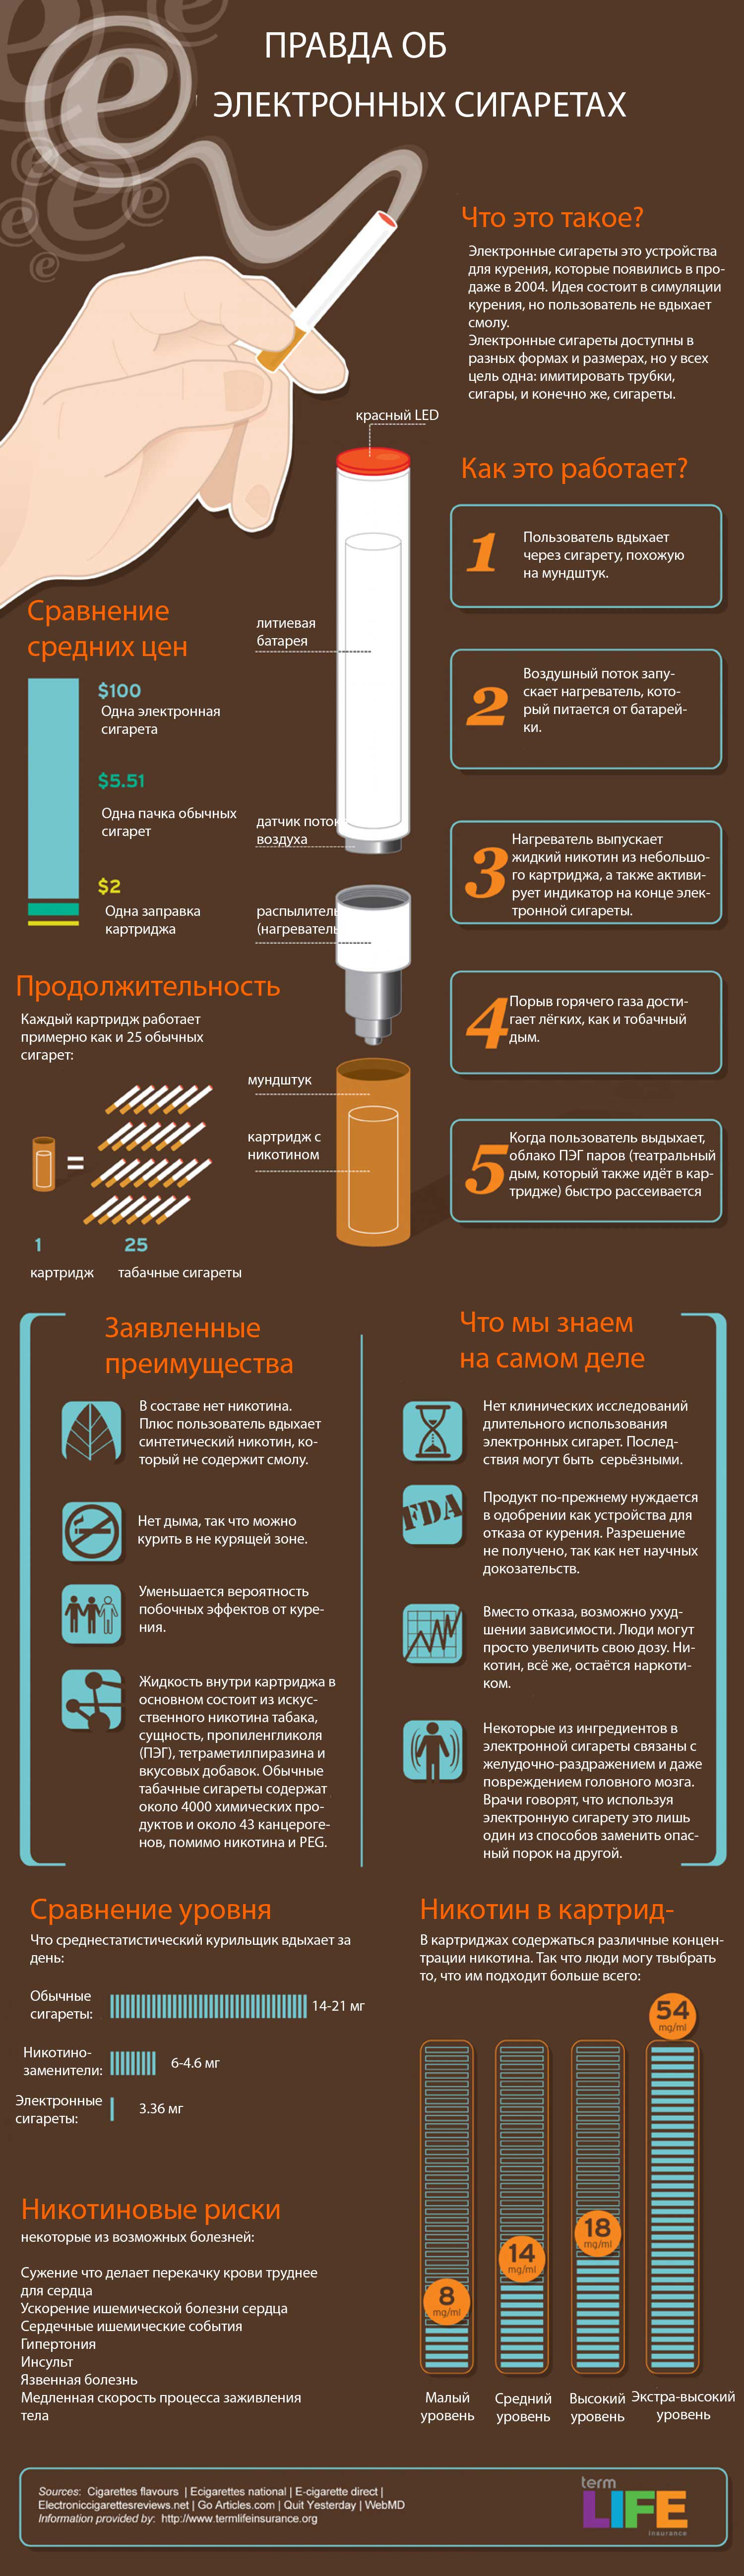 Инфографика: правда об электронных сигаретах